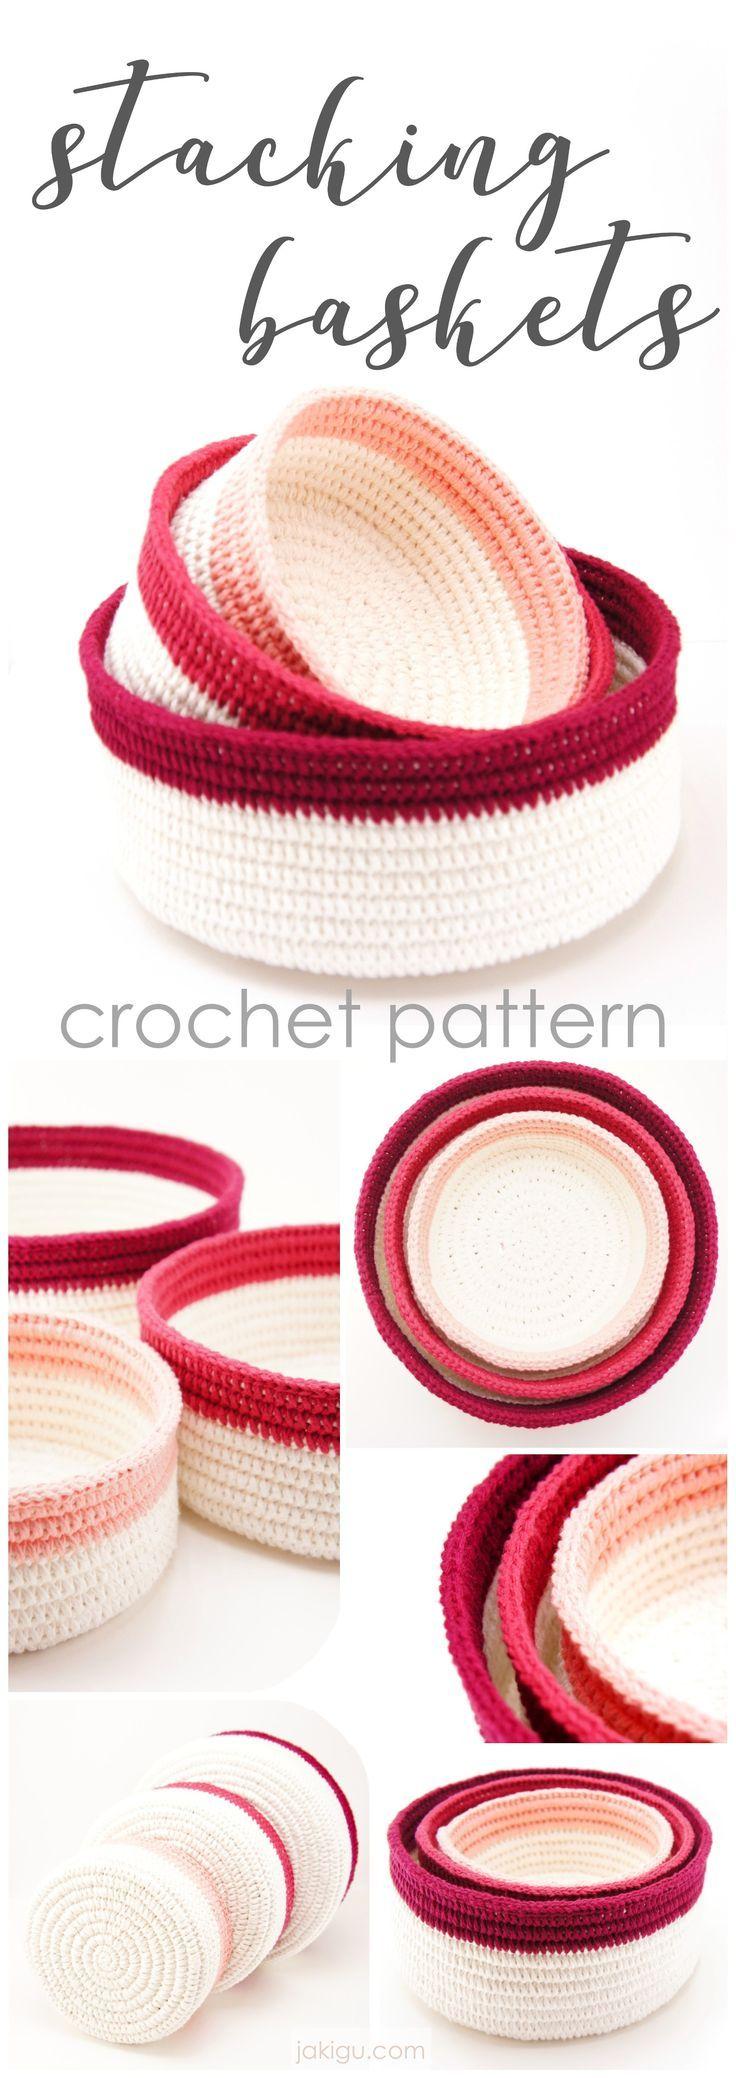 579 besten Someday crochet Bilder auf Pinterest   Untersetzer, Beste ...